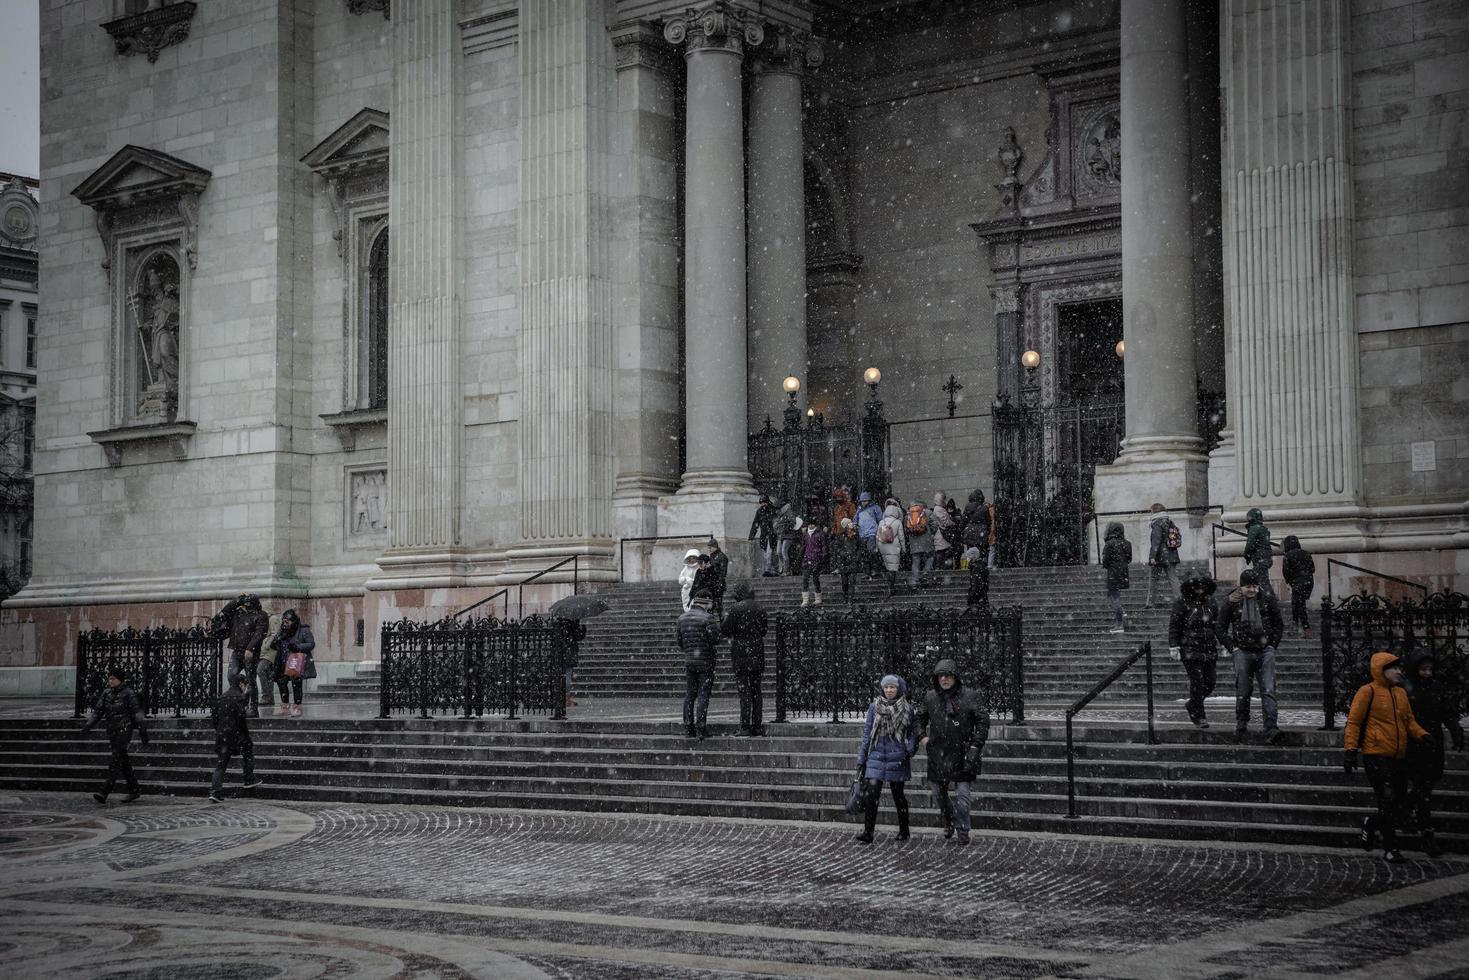 Boedapest, Hongarije 2019 - mensen bij de trappen van st. stephen's basiliek foto